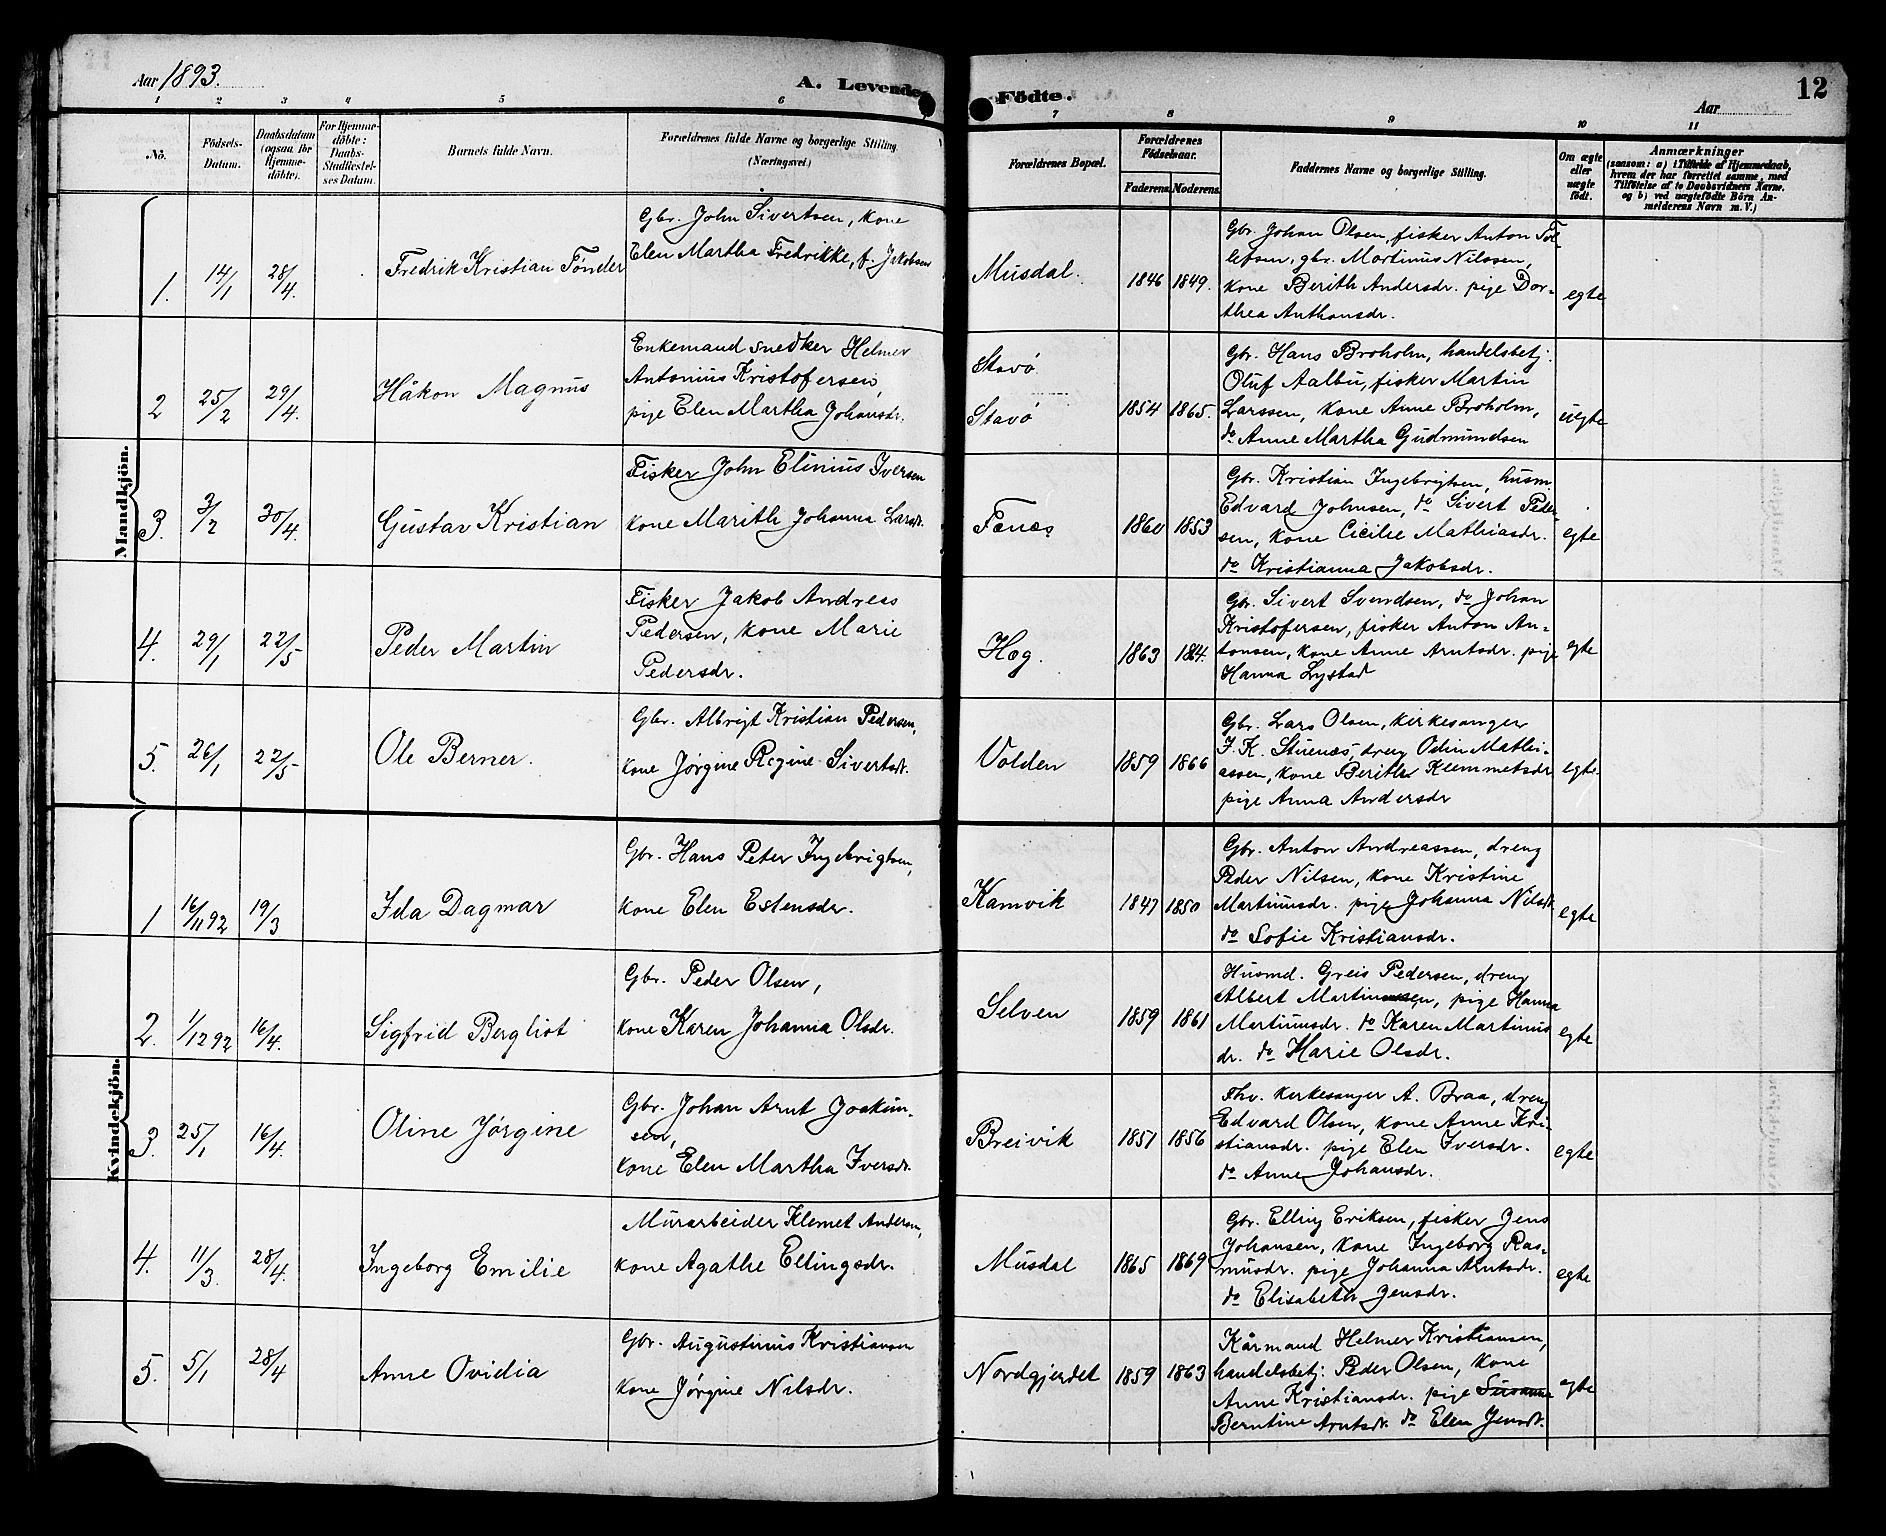 SAT, Ministerialprotokoller, klokkerbøker og fødselsregistre - Sør-Trøndelag, 662/L0757: Klokkerbok nr. 662C02, 1892-1918, s. 12